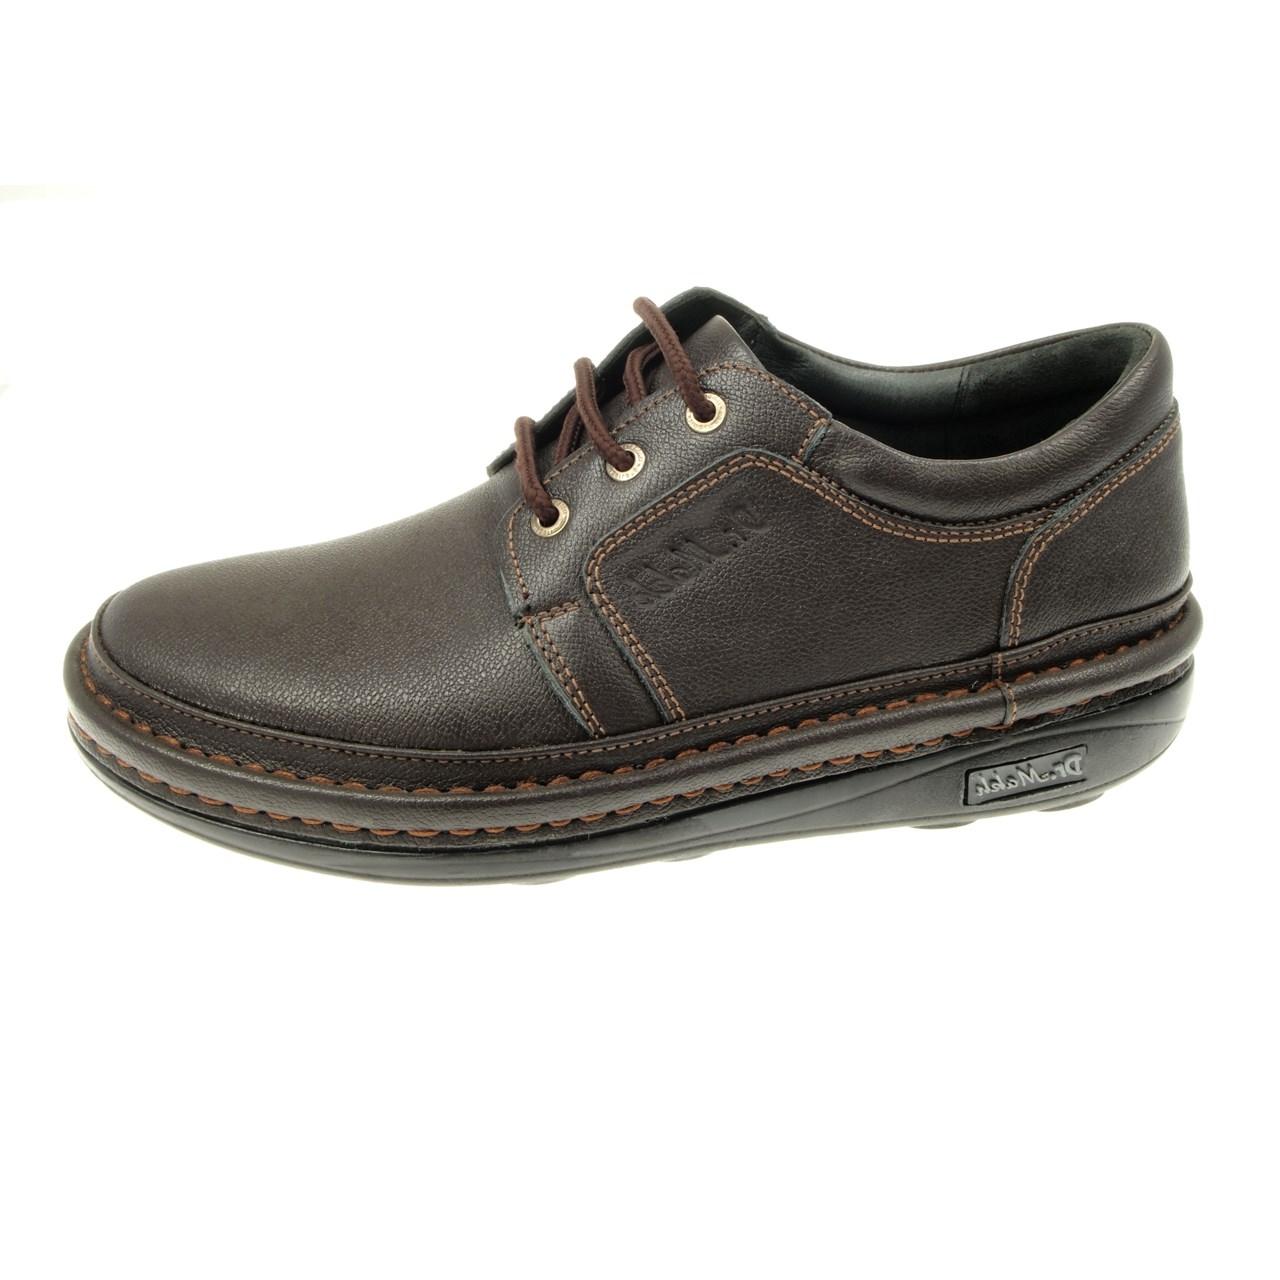 کفش چرم مردانه پامی مدل 02C